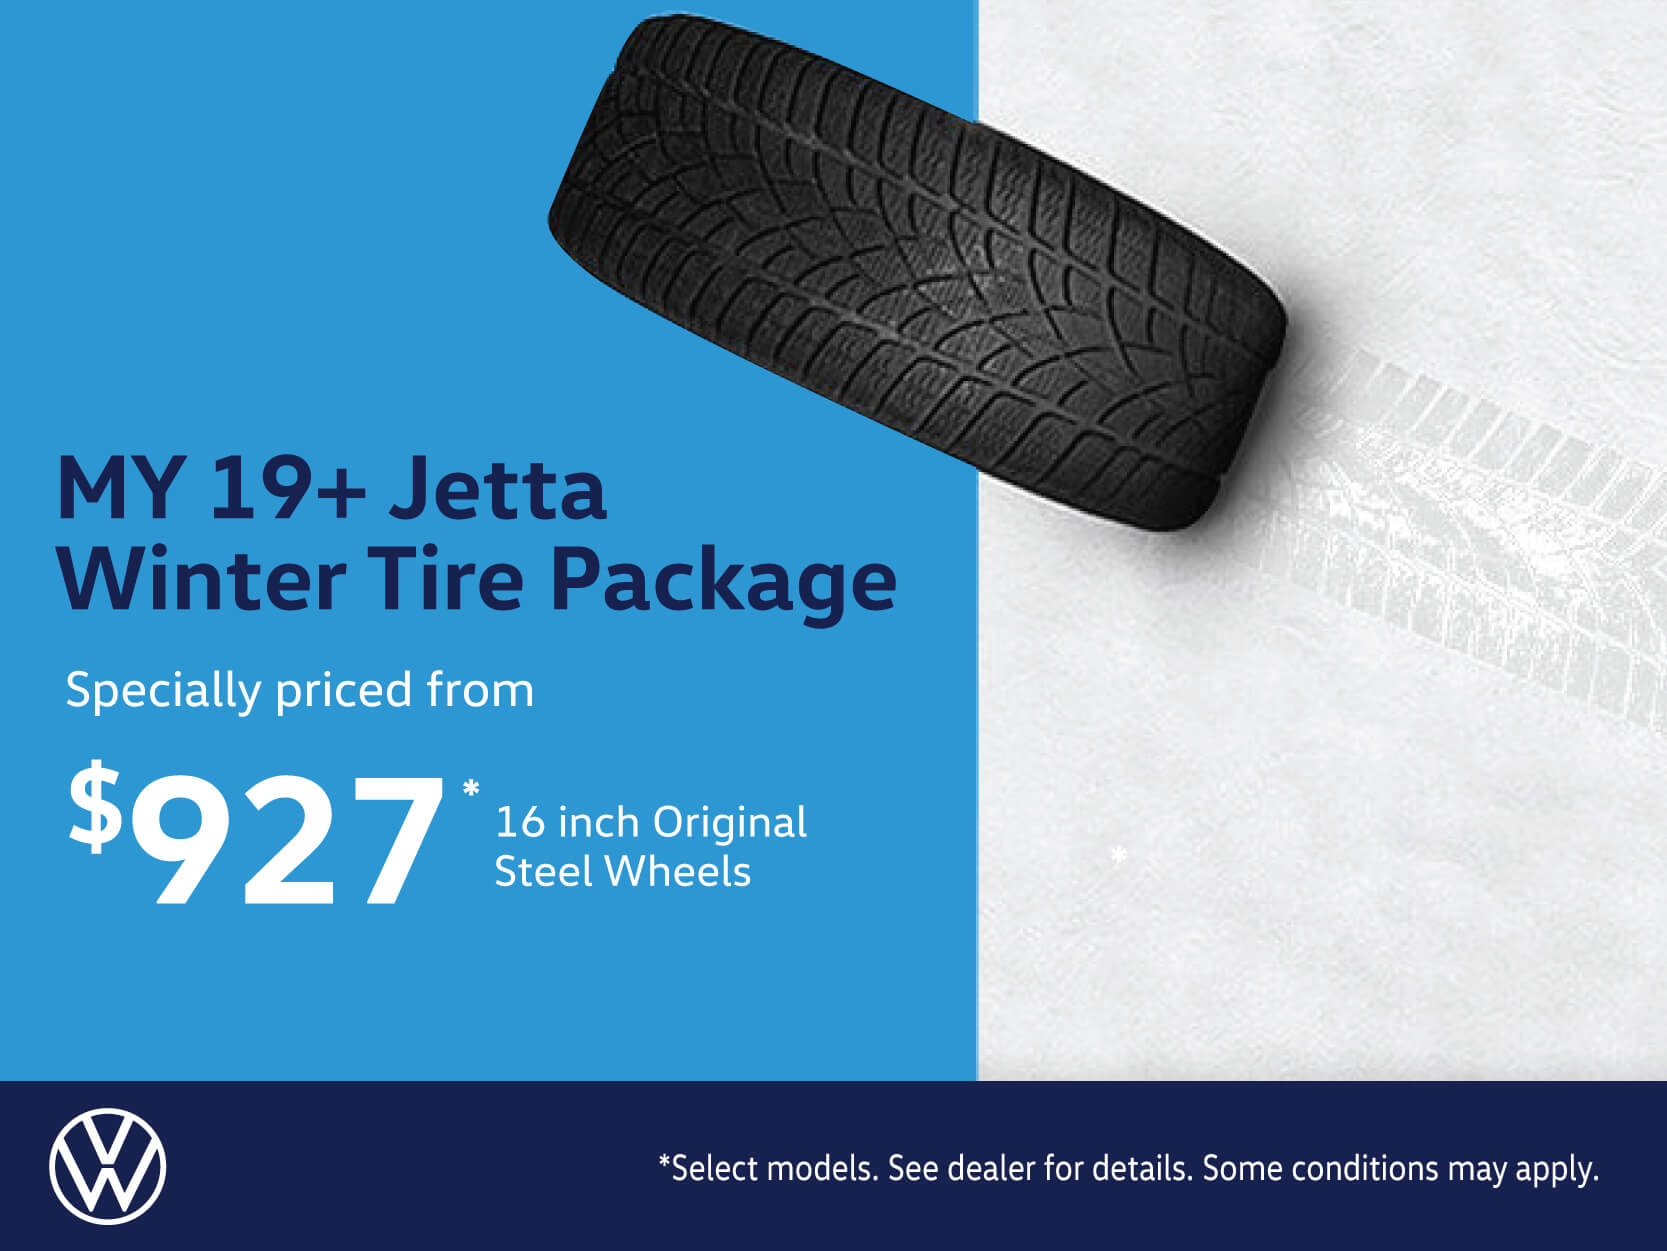 Jetta 2019 Winter Tire Package